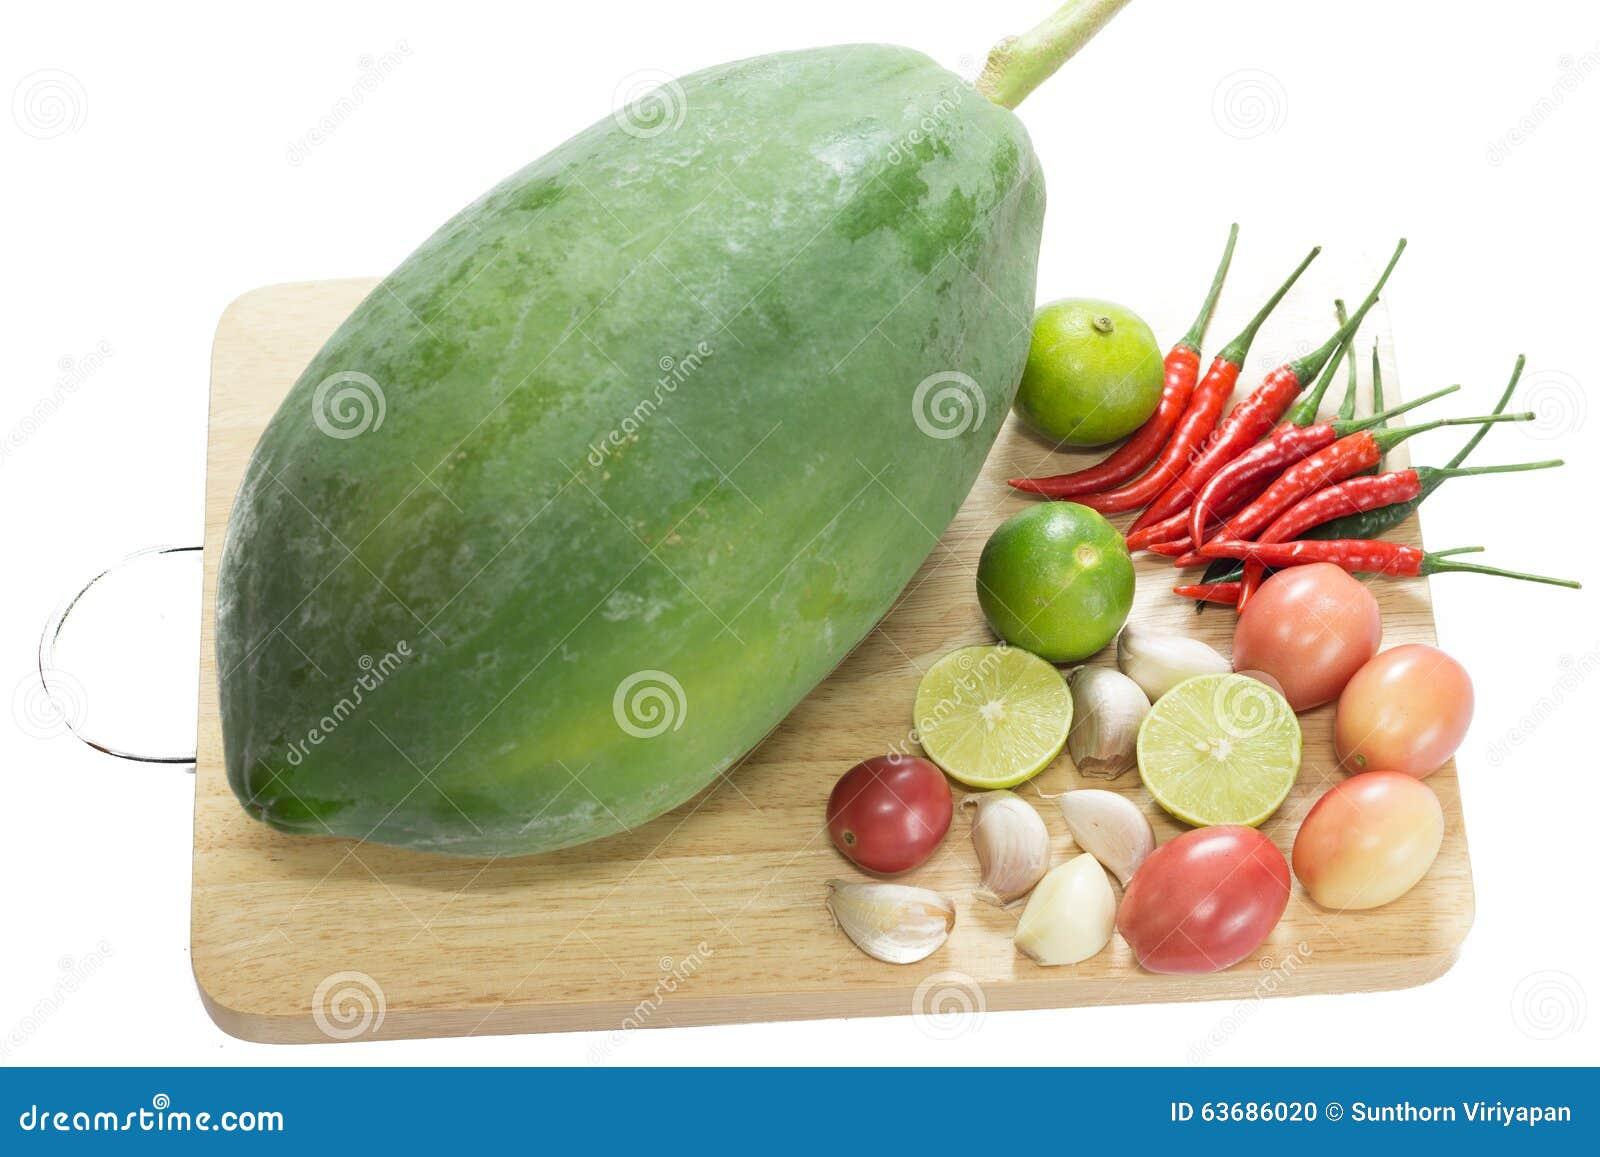 how to cook raw papaya